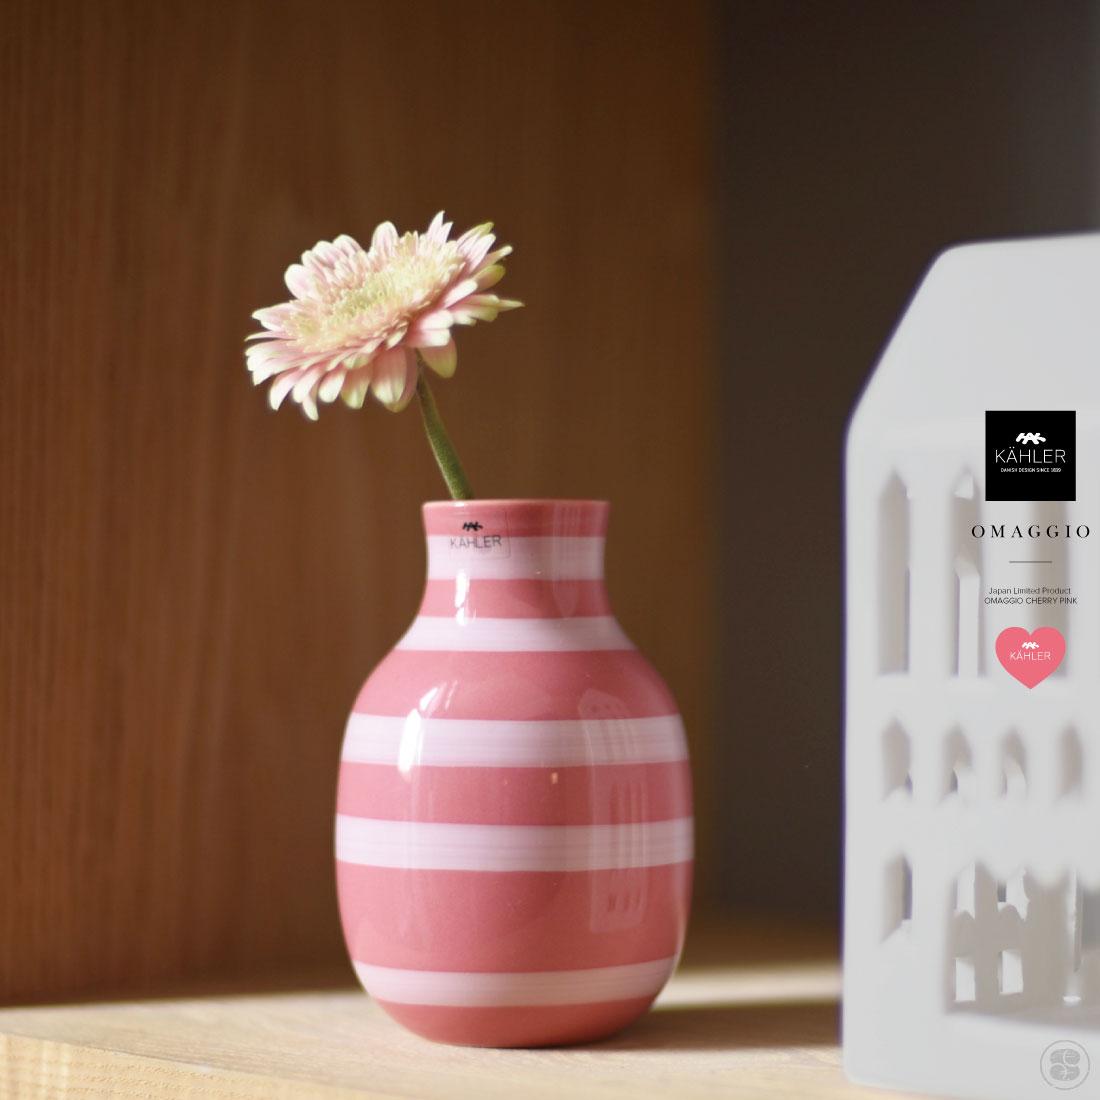 安全 日本限定 数量限定のOMAGGIOチェリーピンク KAHLER OMAGGIO CHERRY PINK Japan Limited チェリーピンク Product 期間限定 ケーラー 花瓶 スティルレーベン オマジオ Stilleben フラワーベース